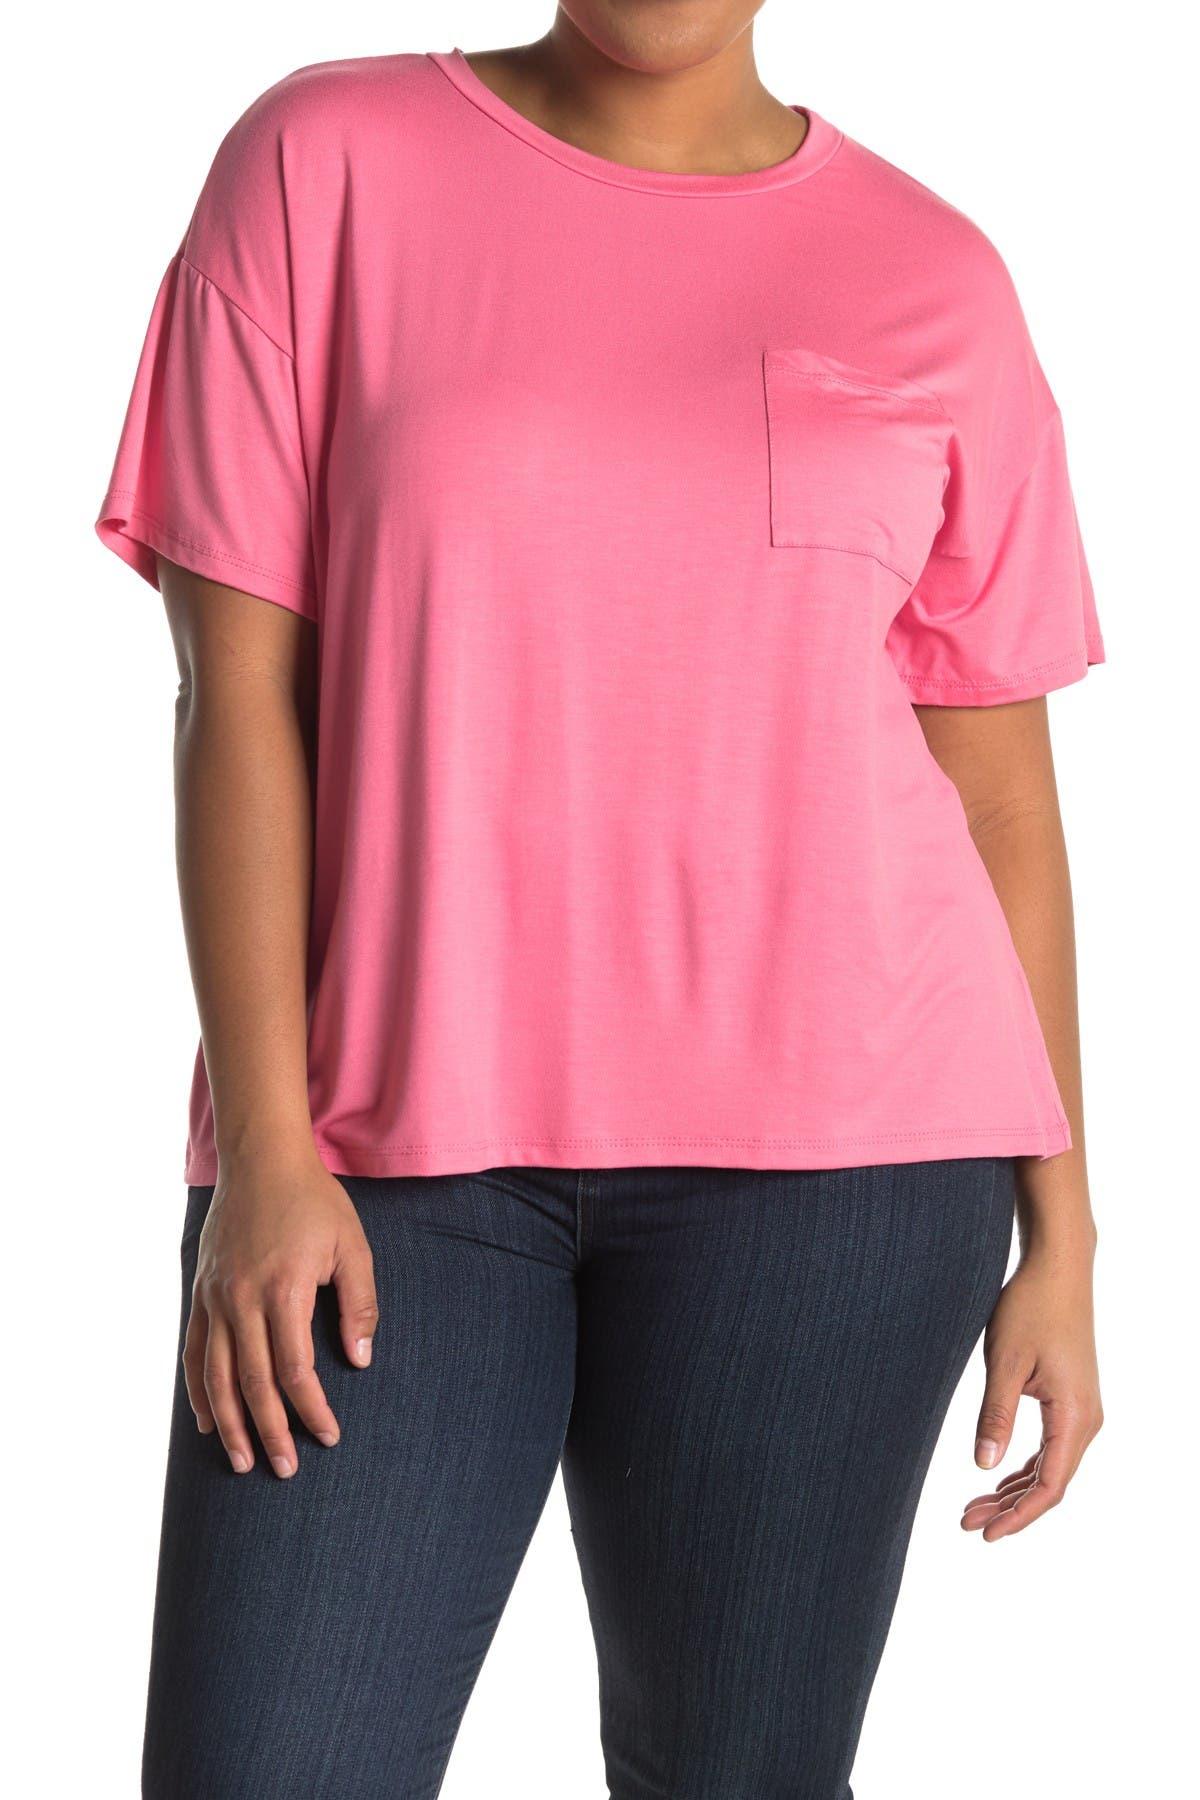 Image of Lush Crew Neck Short Sleeve Pocket T-Shirt